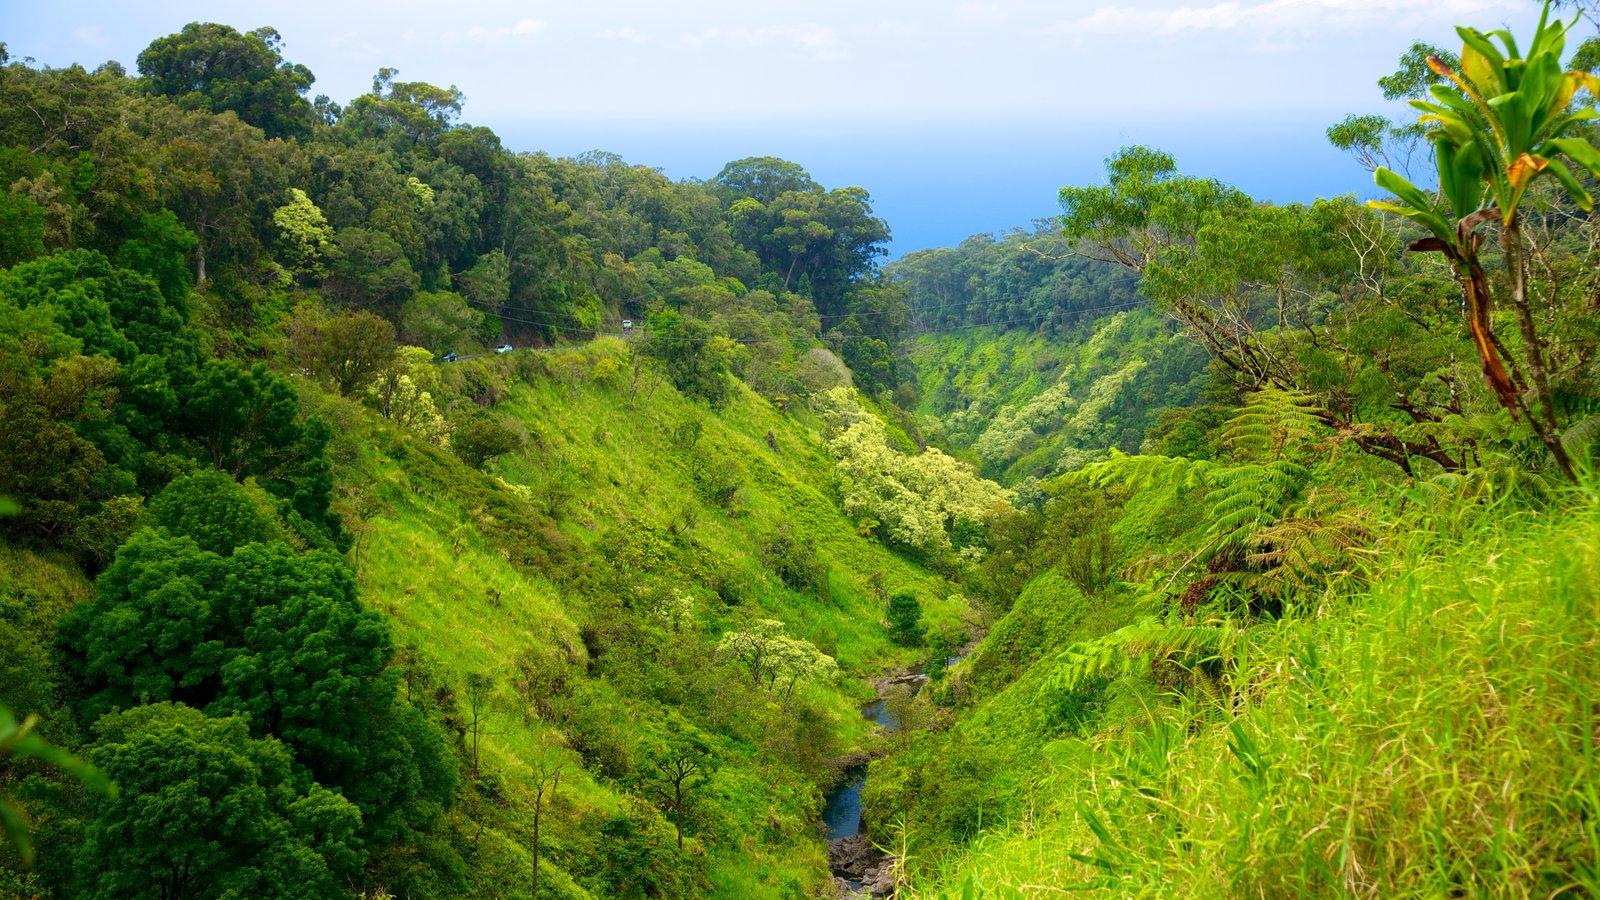 Maui que inclui paisagem e cenas de floresta